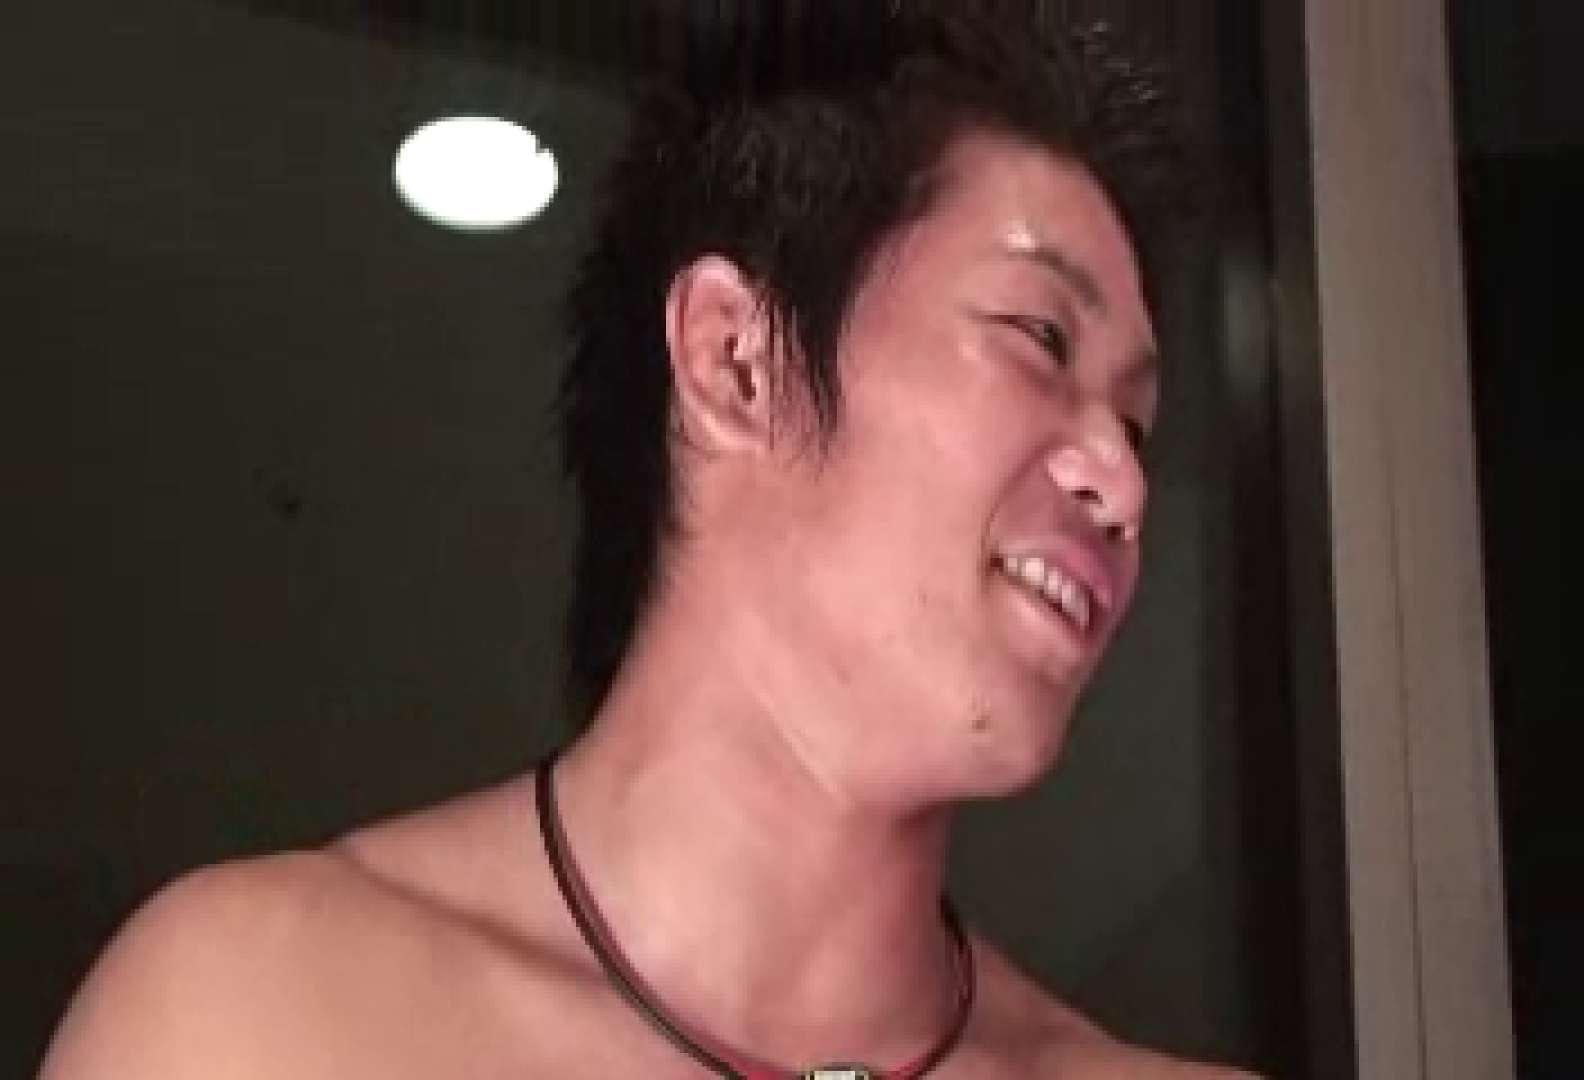 スリ筋!!Nice Finish!!vol.02 体育会系 ゲイアダルト画像 85pic 34